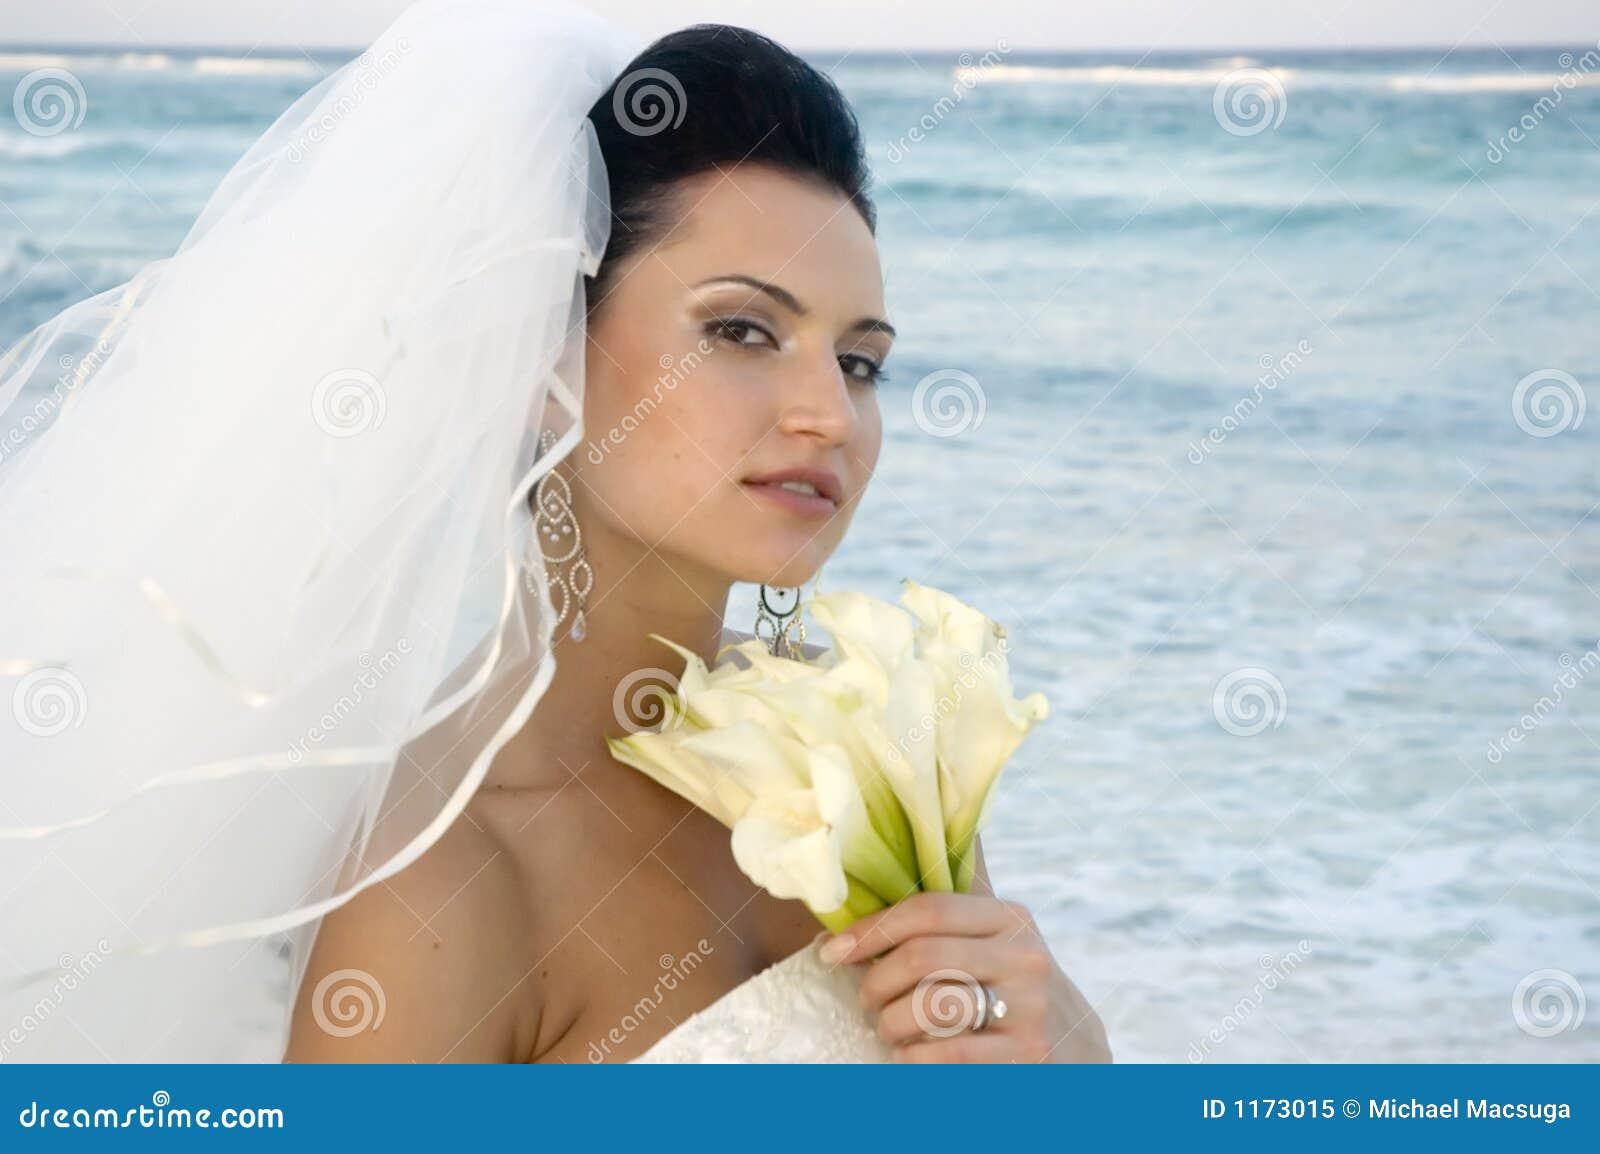 Cerimonia nuziale di spiaggia caraibica - sposa con il mazzo (fuoco molle)